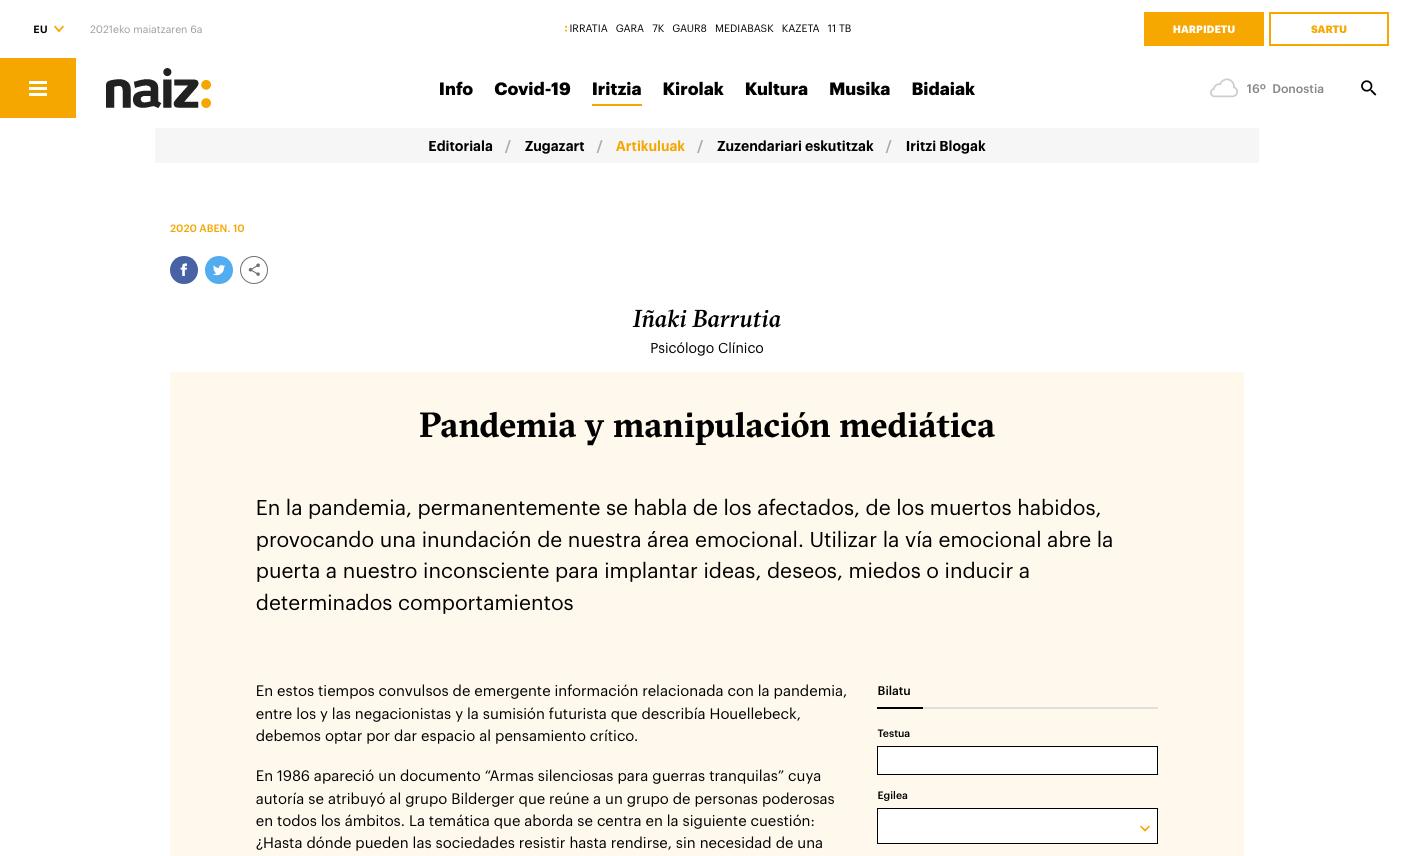 Iñaki Barrutia, psicólogo clínico, acerca de la manipulación de los medios de comunicación